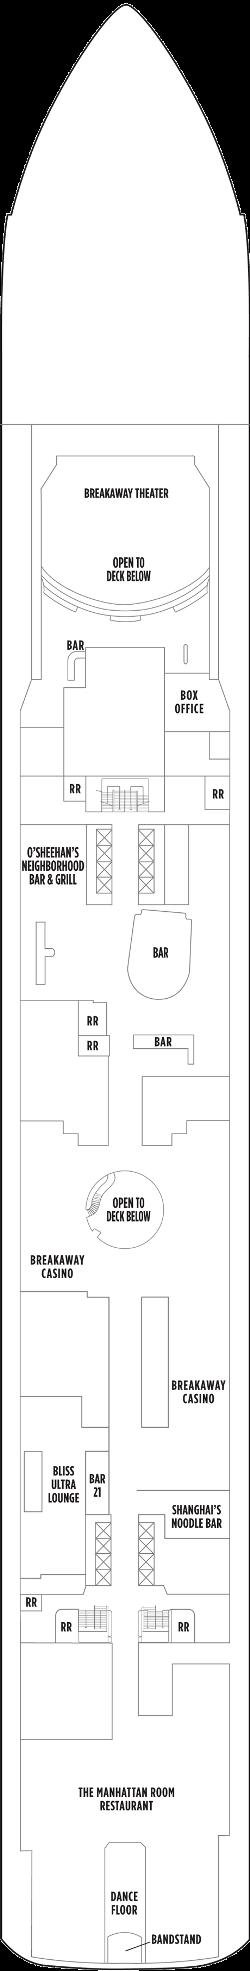 Norwegian Breakaway Deck 7: Deck 7